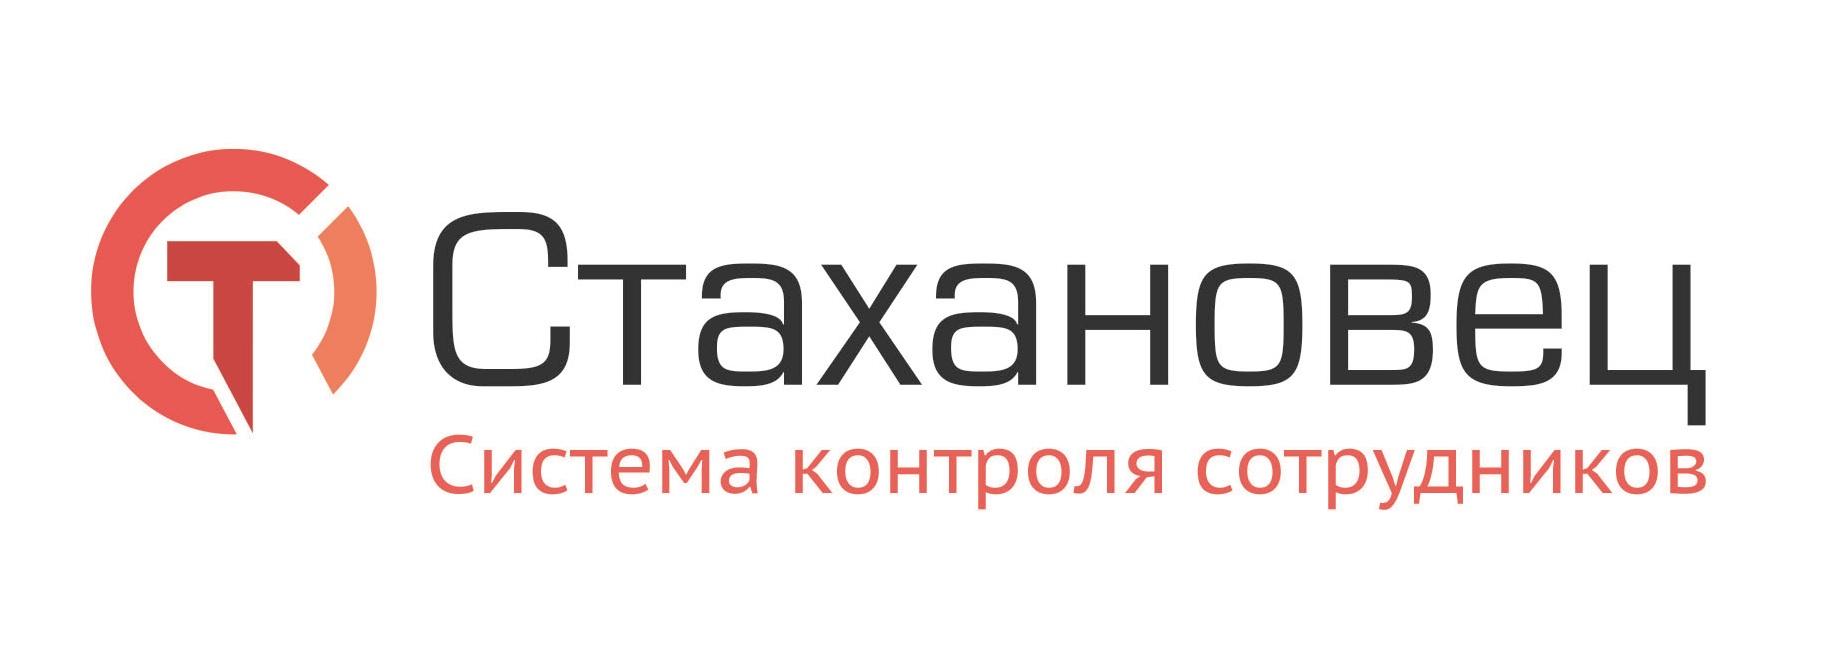 Мы рады сообщить Вам о том, что компания Битроникс стала официальным партнером ООО «Стахановец».